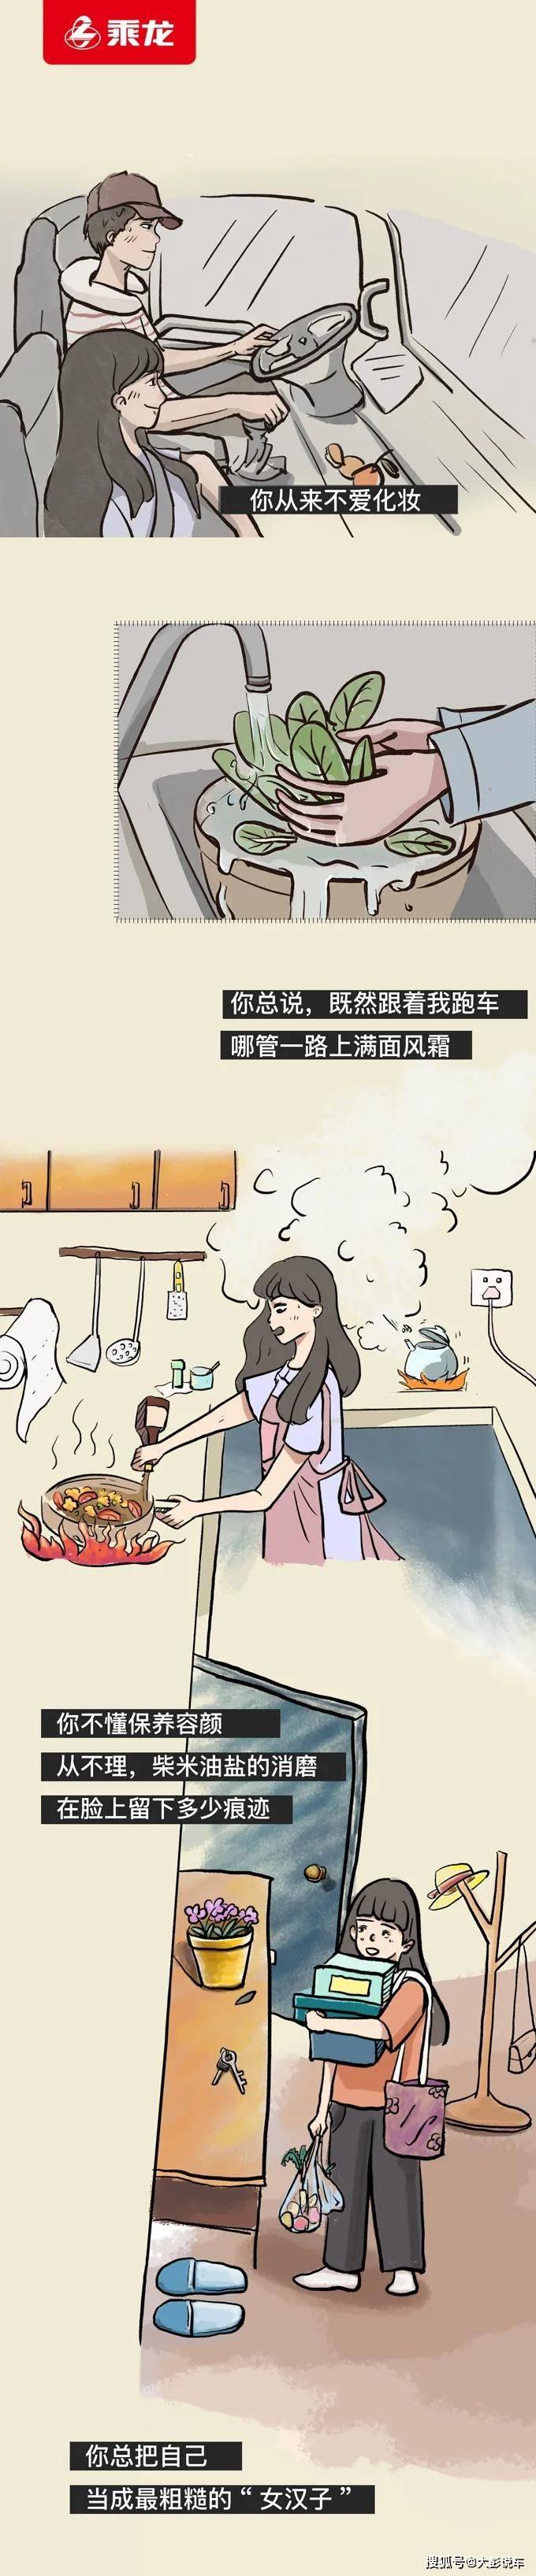 刘琦·乘龙的故事——别人关心你跑不快,我更关心你在路上累不累。